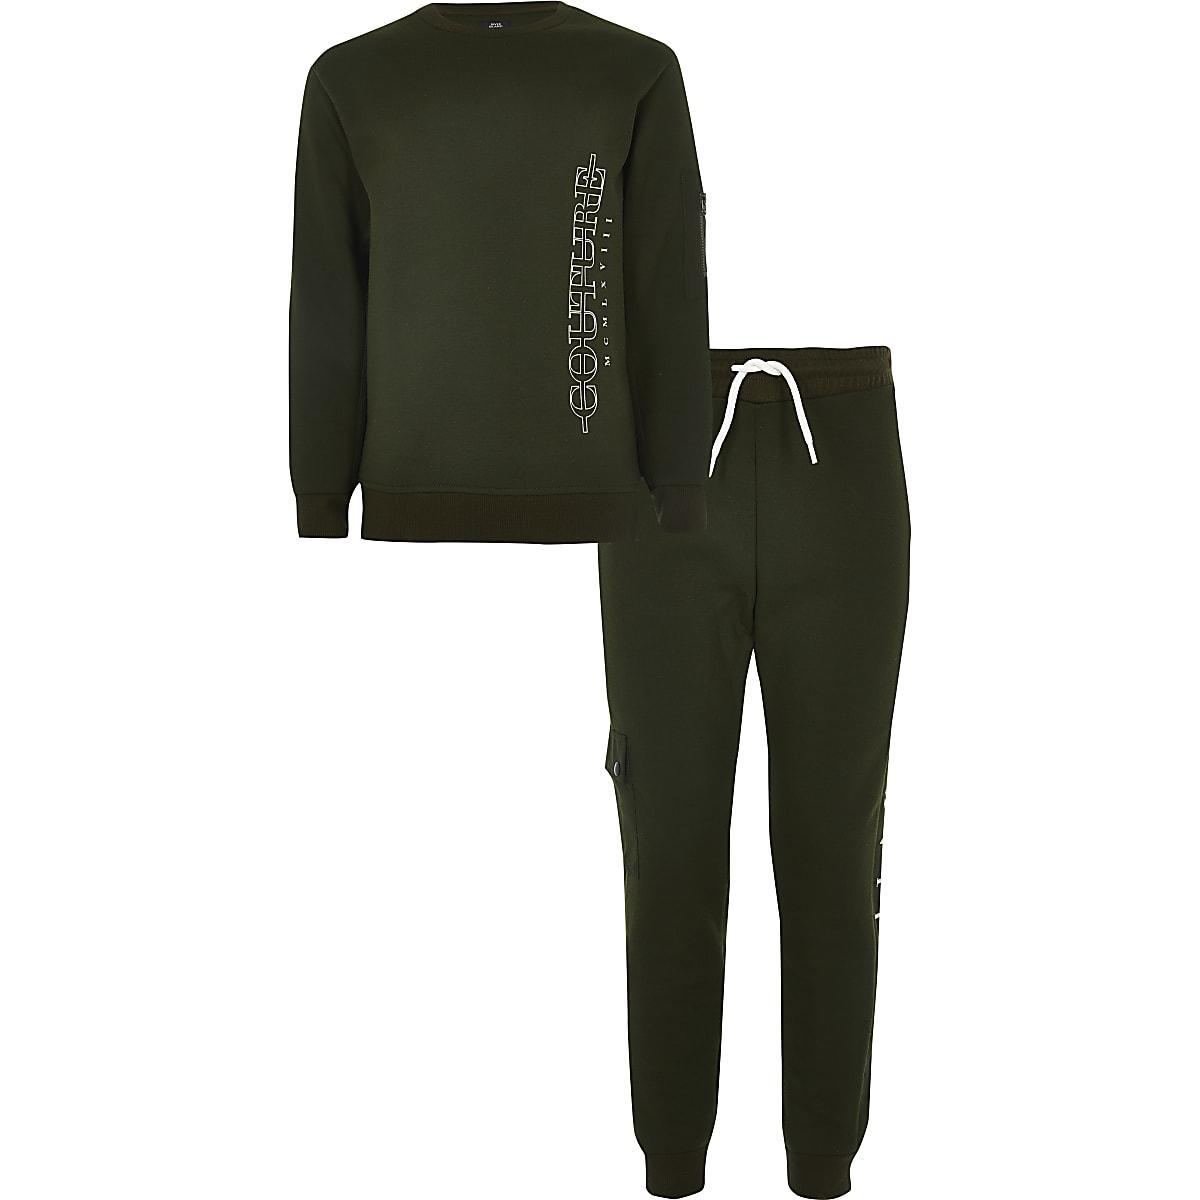 Outfit met kaki utility sweatshirt met print voor jongens